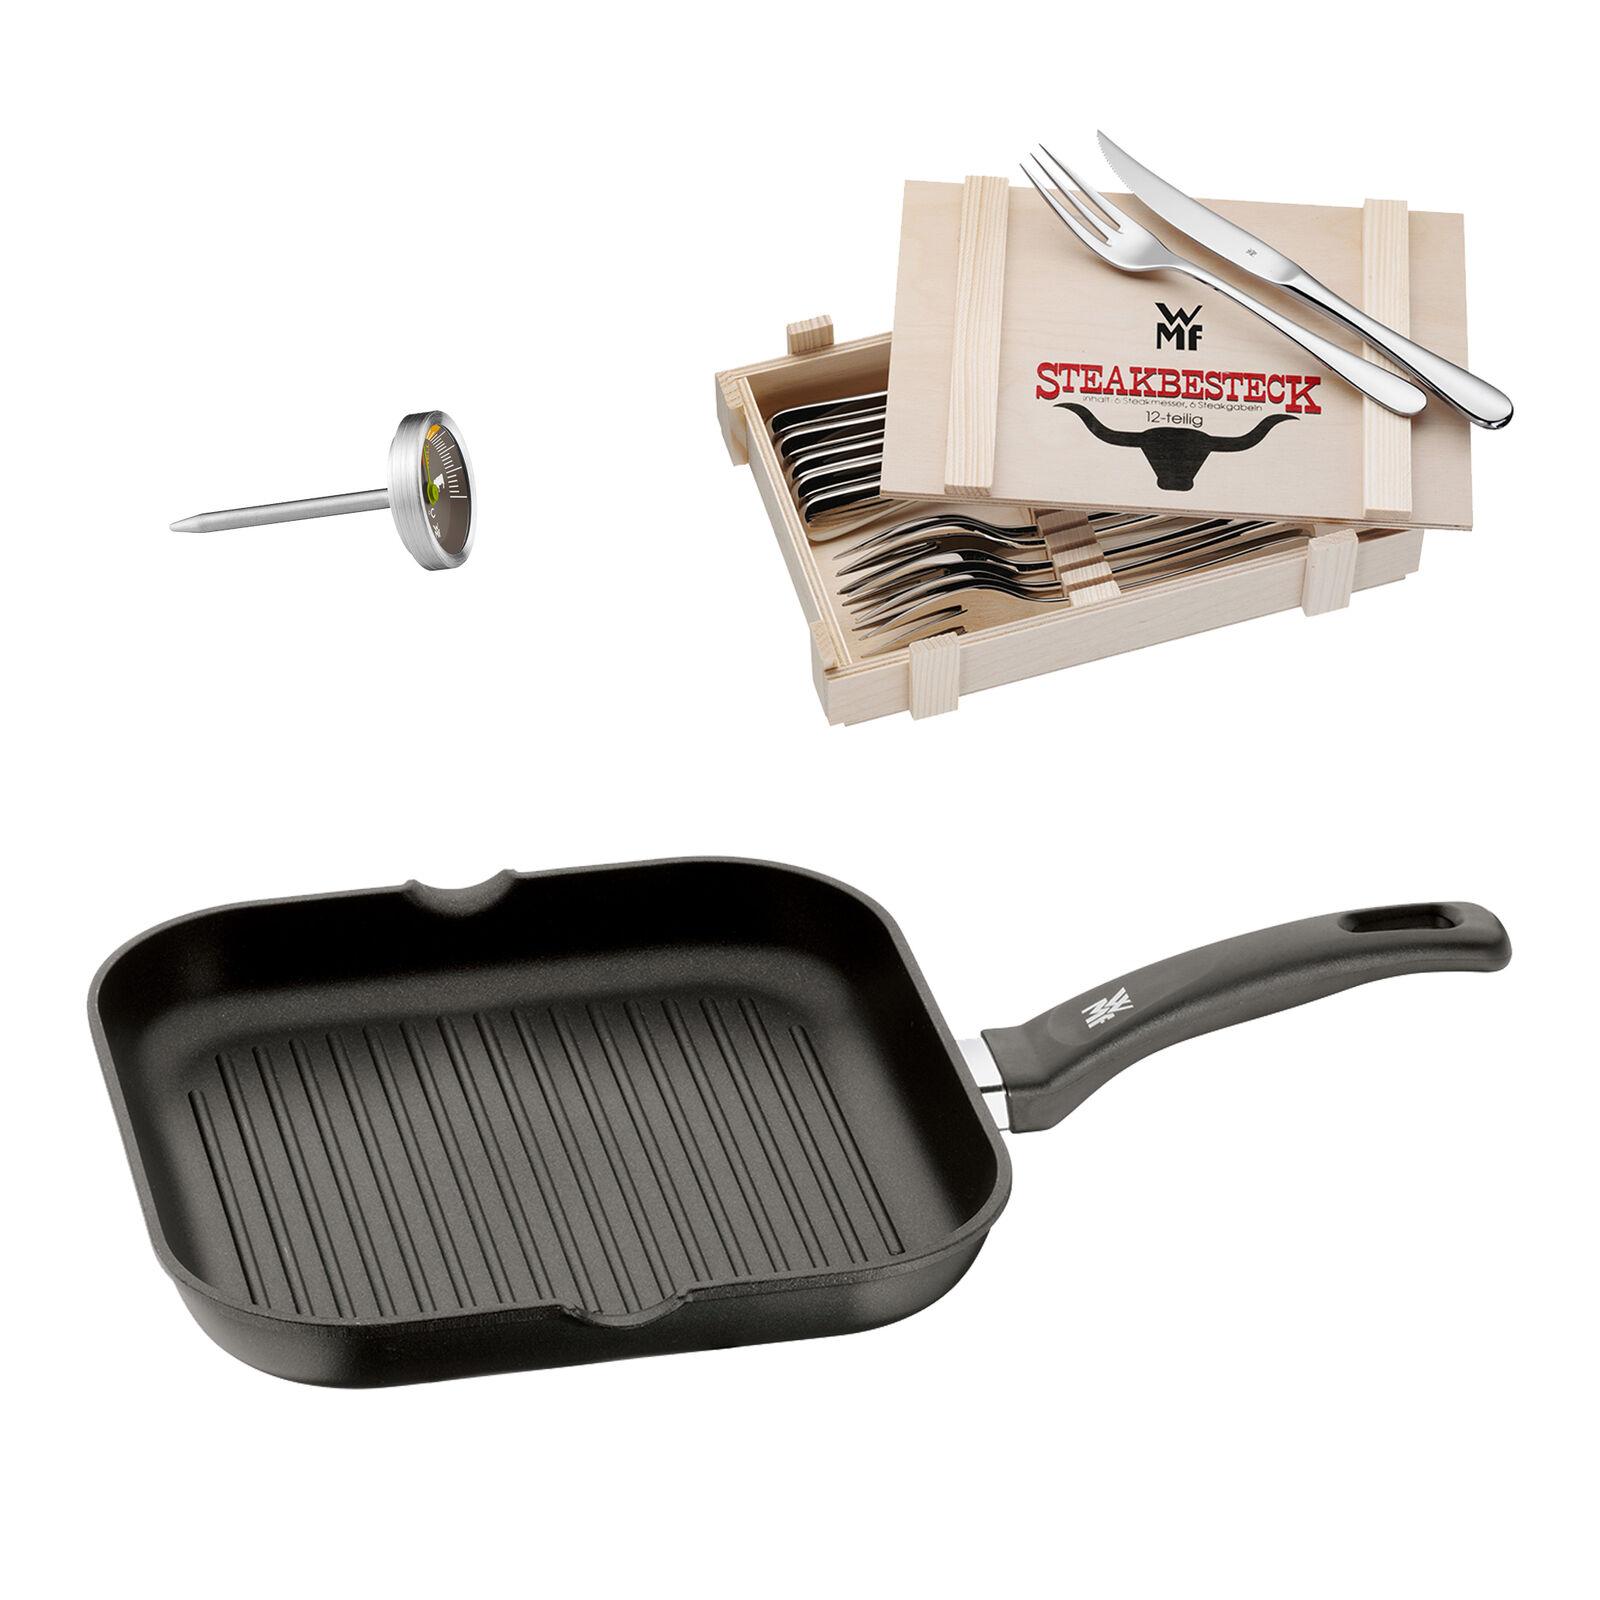 WMF Steak Set 14-tlg; Steak Couverts dans caisse en bois, grill poêle & STEAK Thermomètre